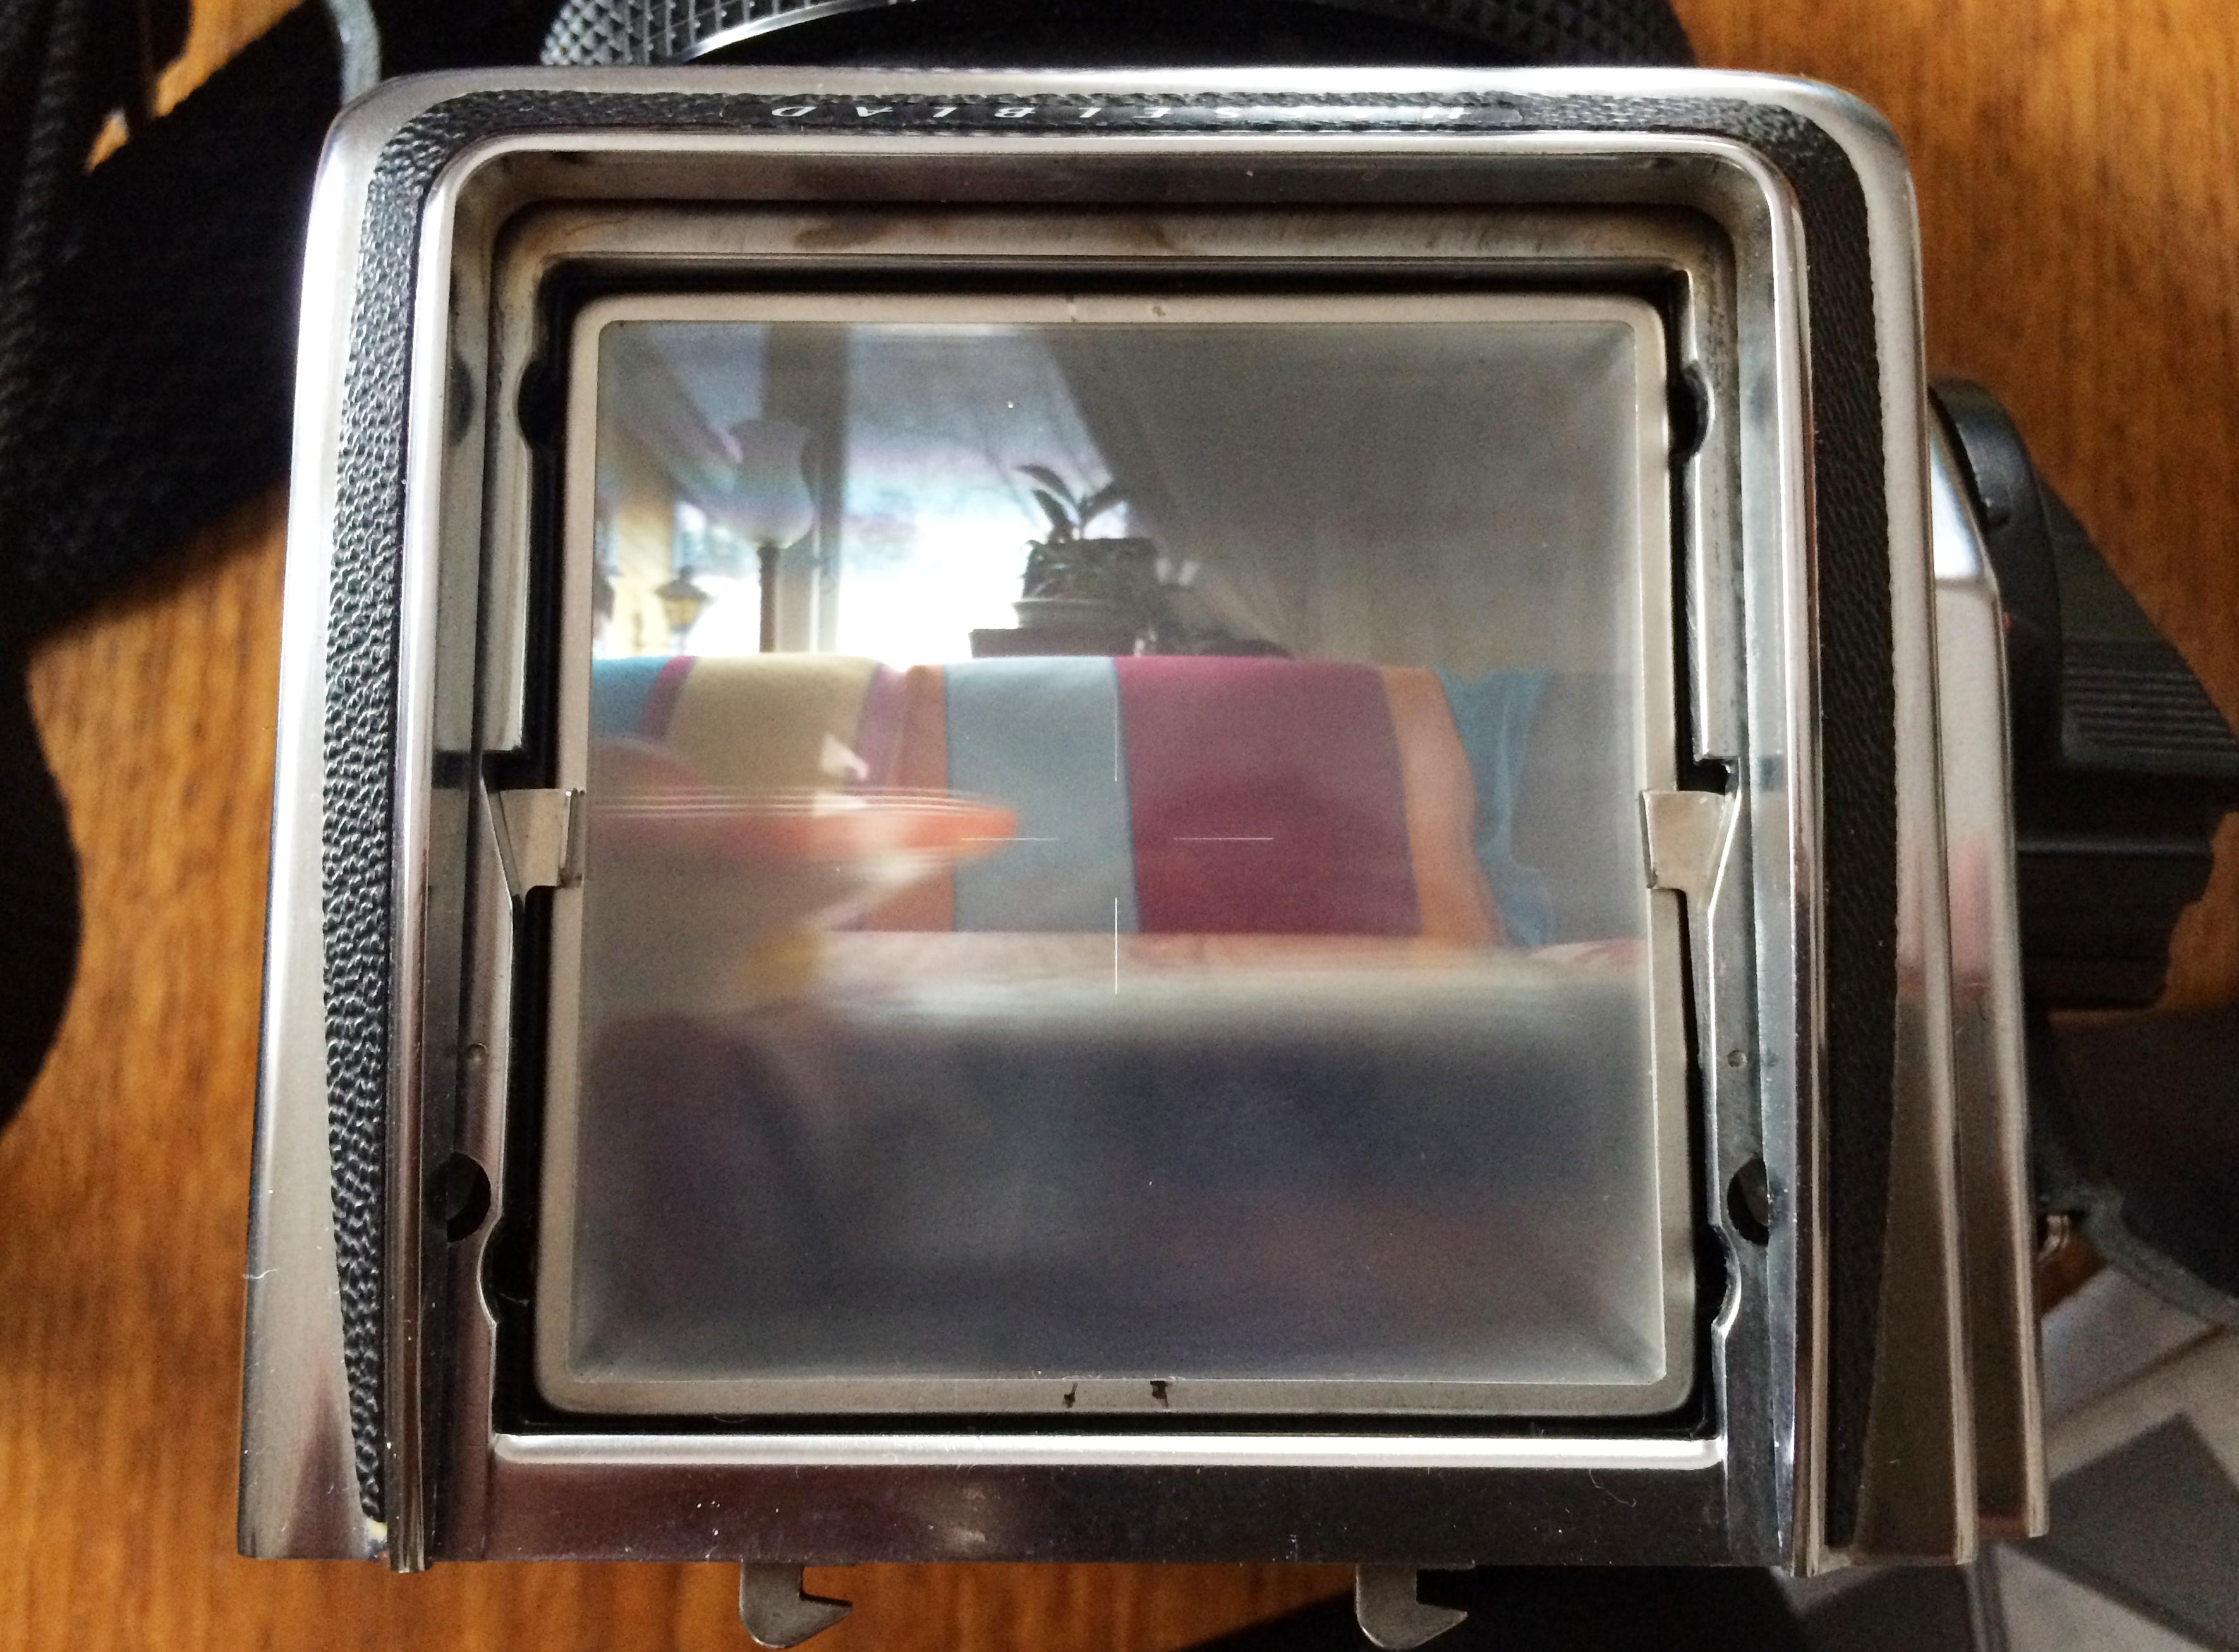 Nya ljusa mattskivan utan snittbild.